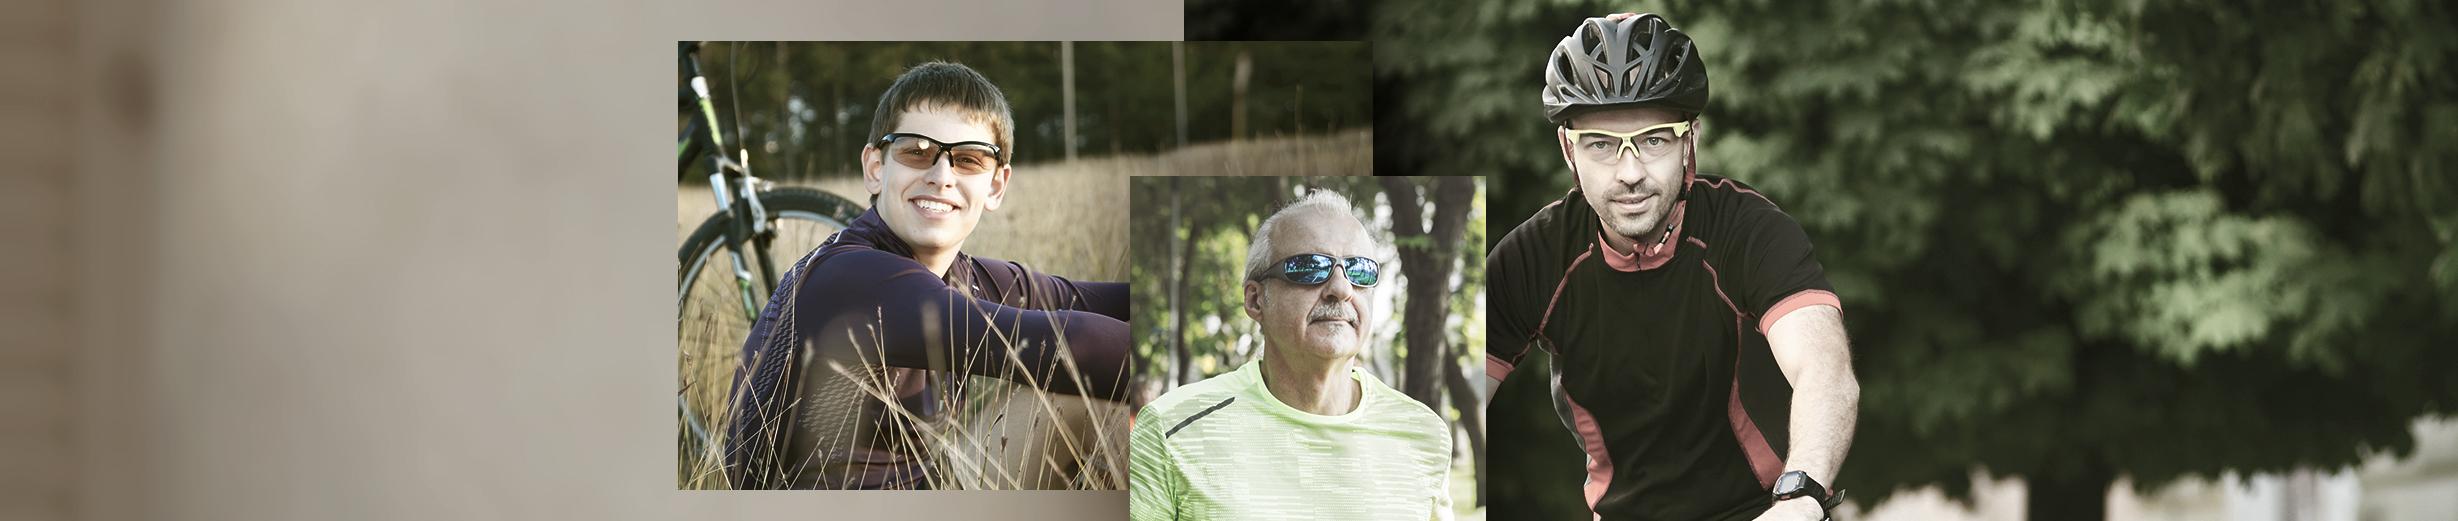 Glassesgallery - Men sportsglasses banner